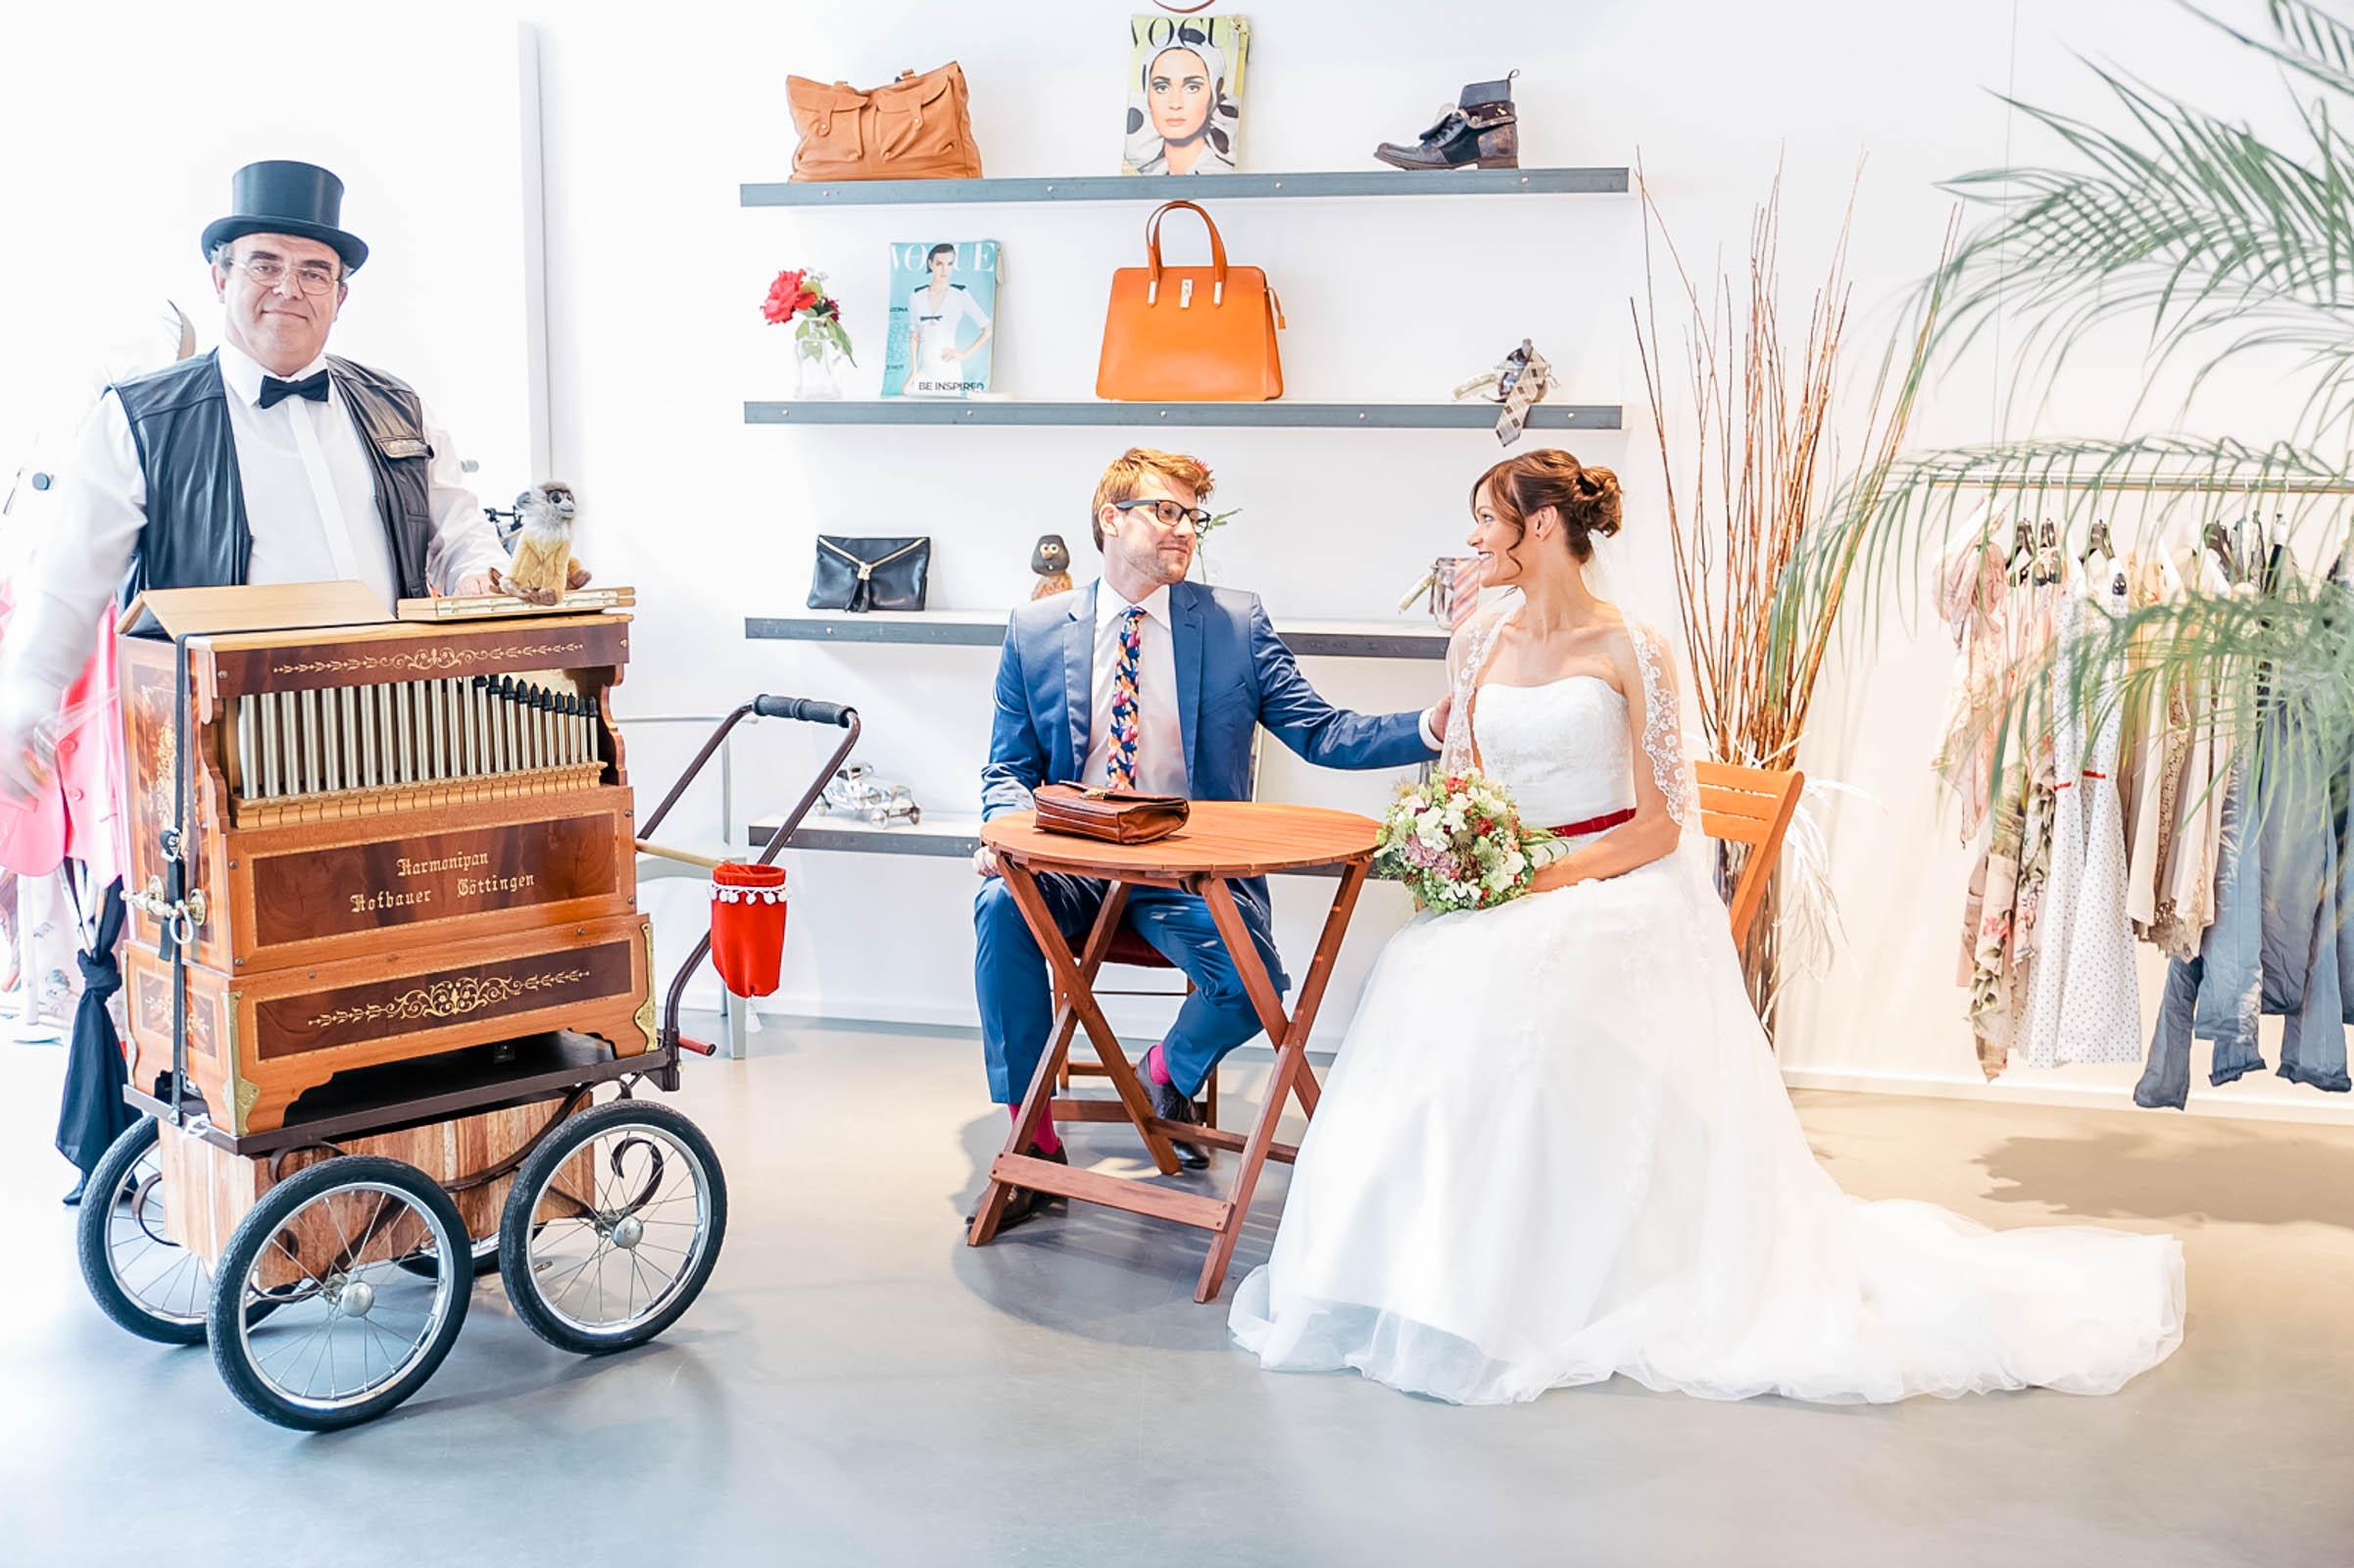 Monstergraphie_Hochzeitsreportage_Siegen-22.jpg?fit=2402%2C1600